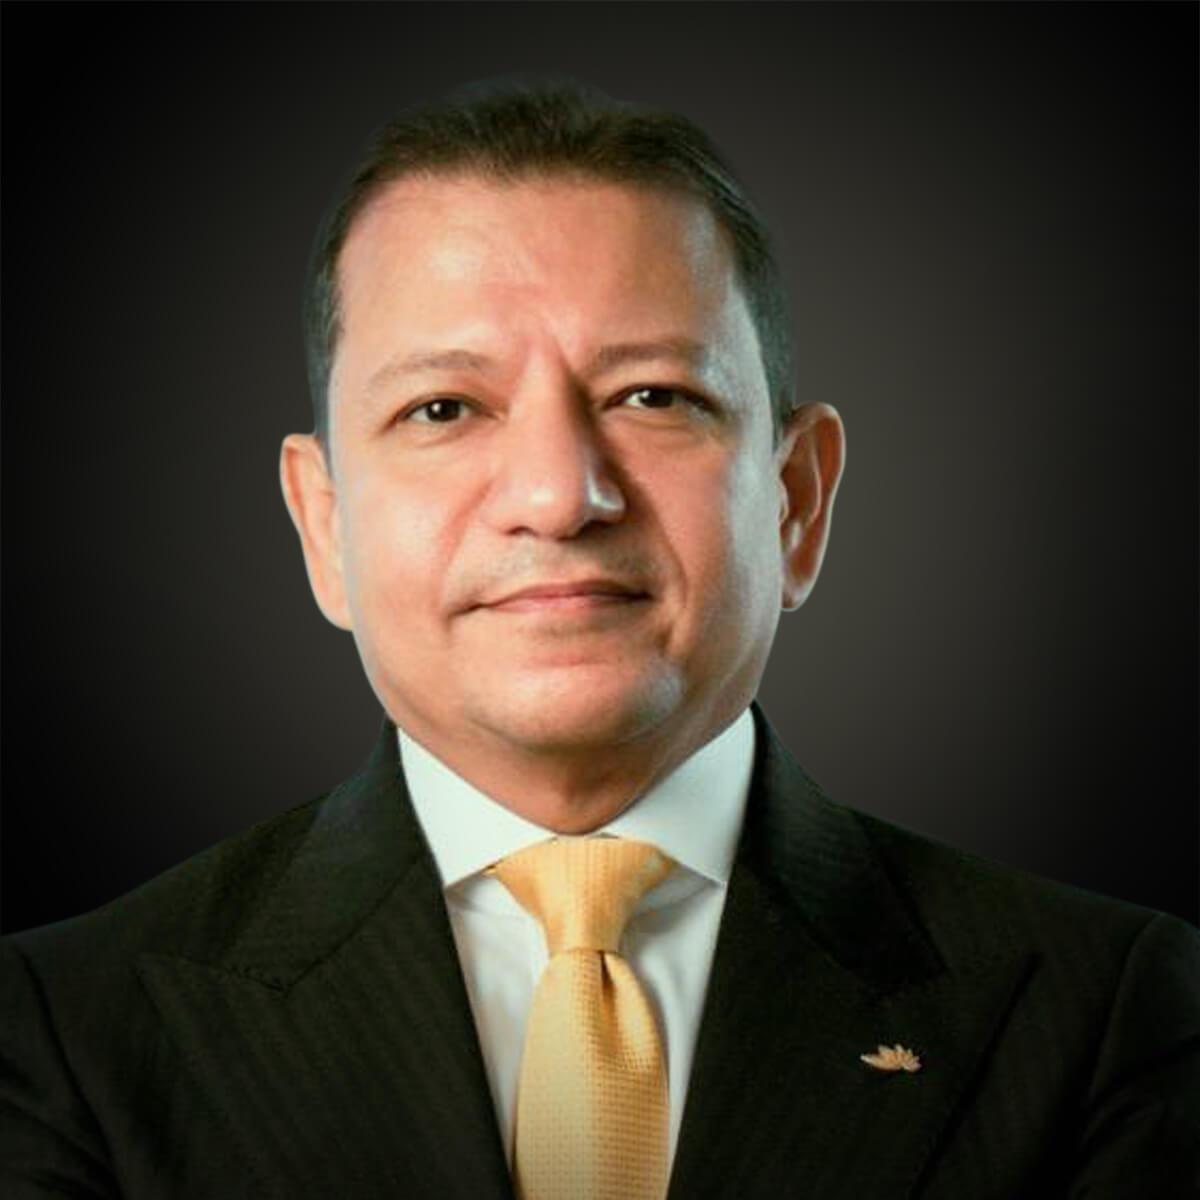 Mashreqbank PSc Group (Mashreq)